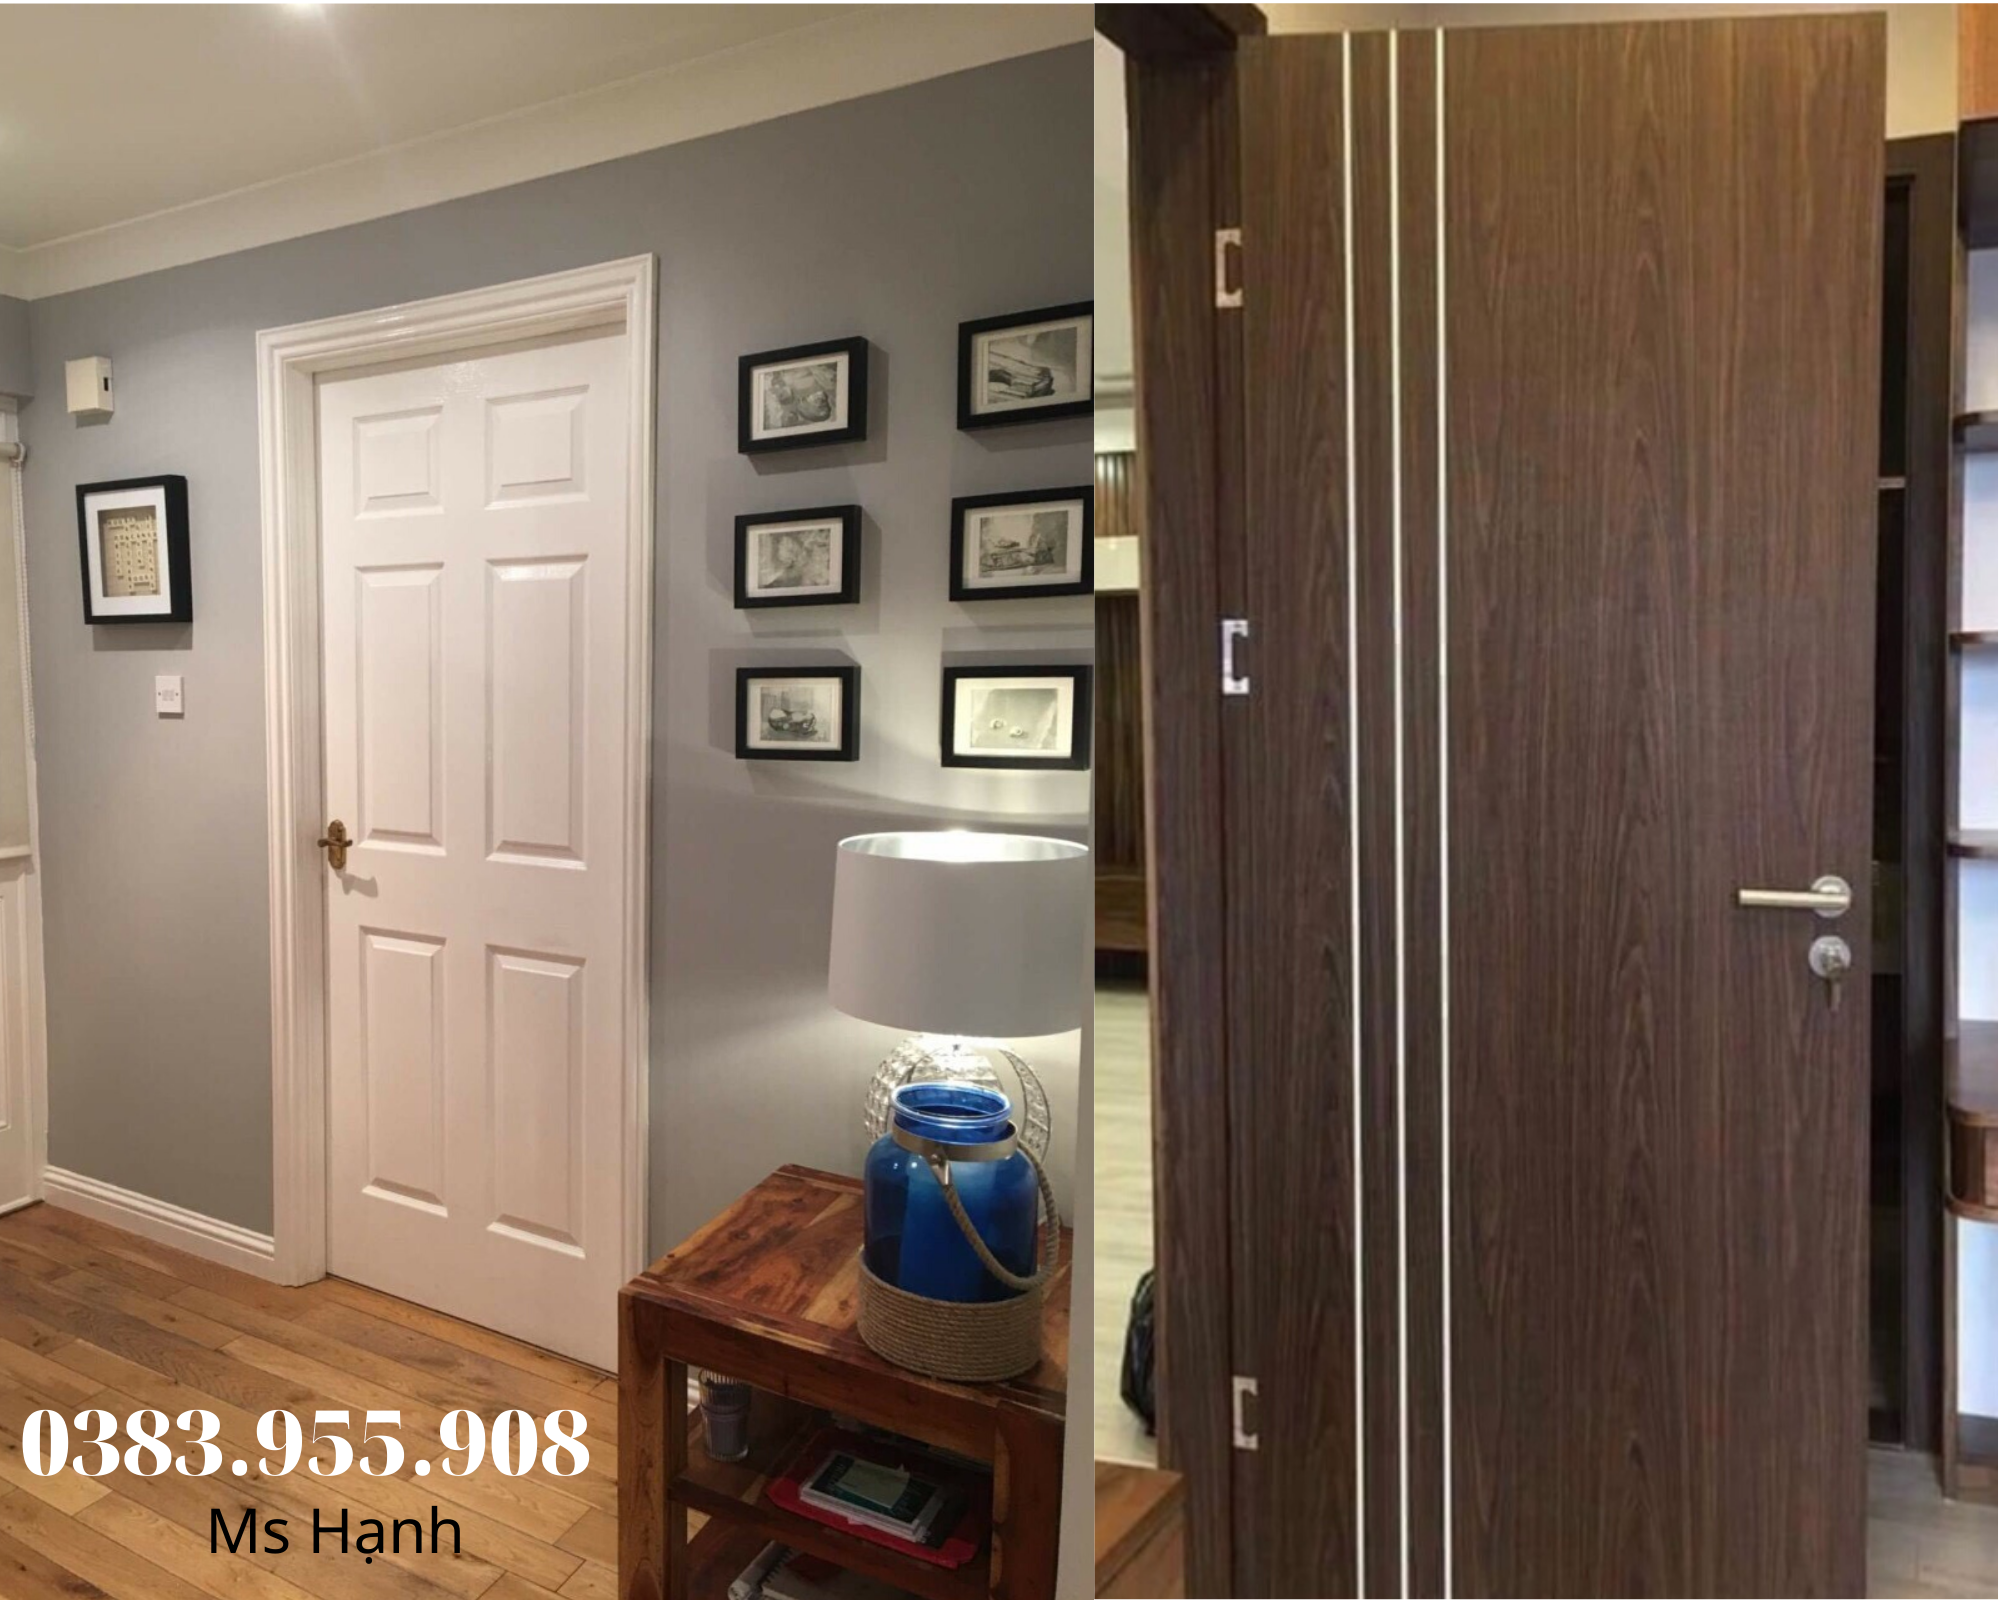 Mẫu cửa gỗ HDF sơn và MDF Melamine